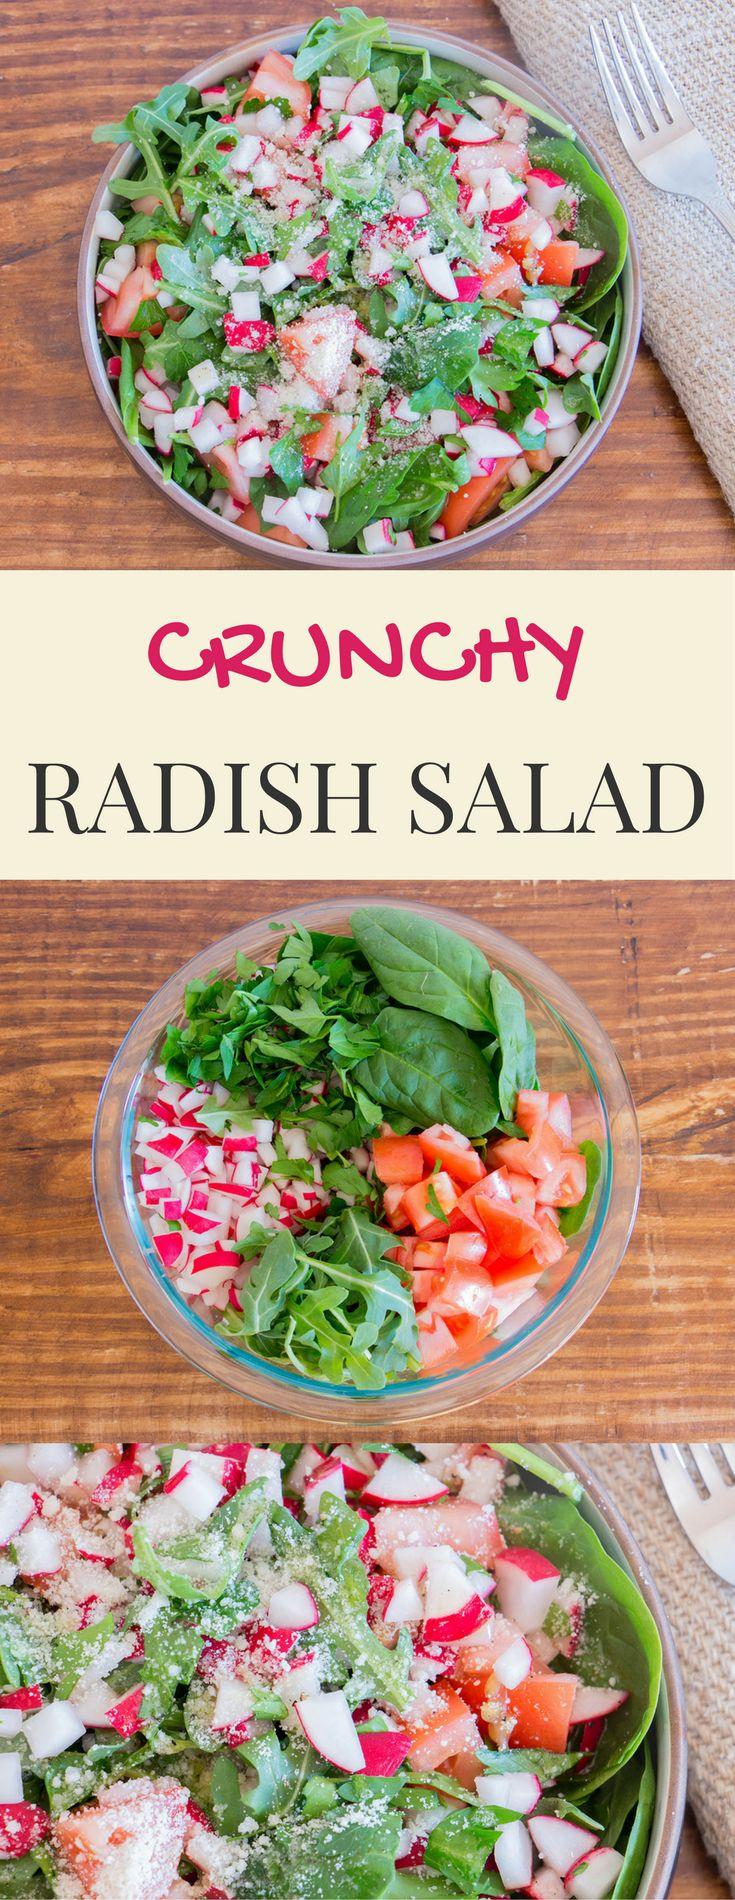 Crunchy radish salad.